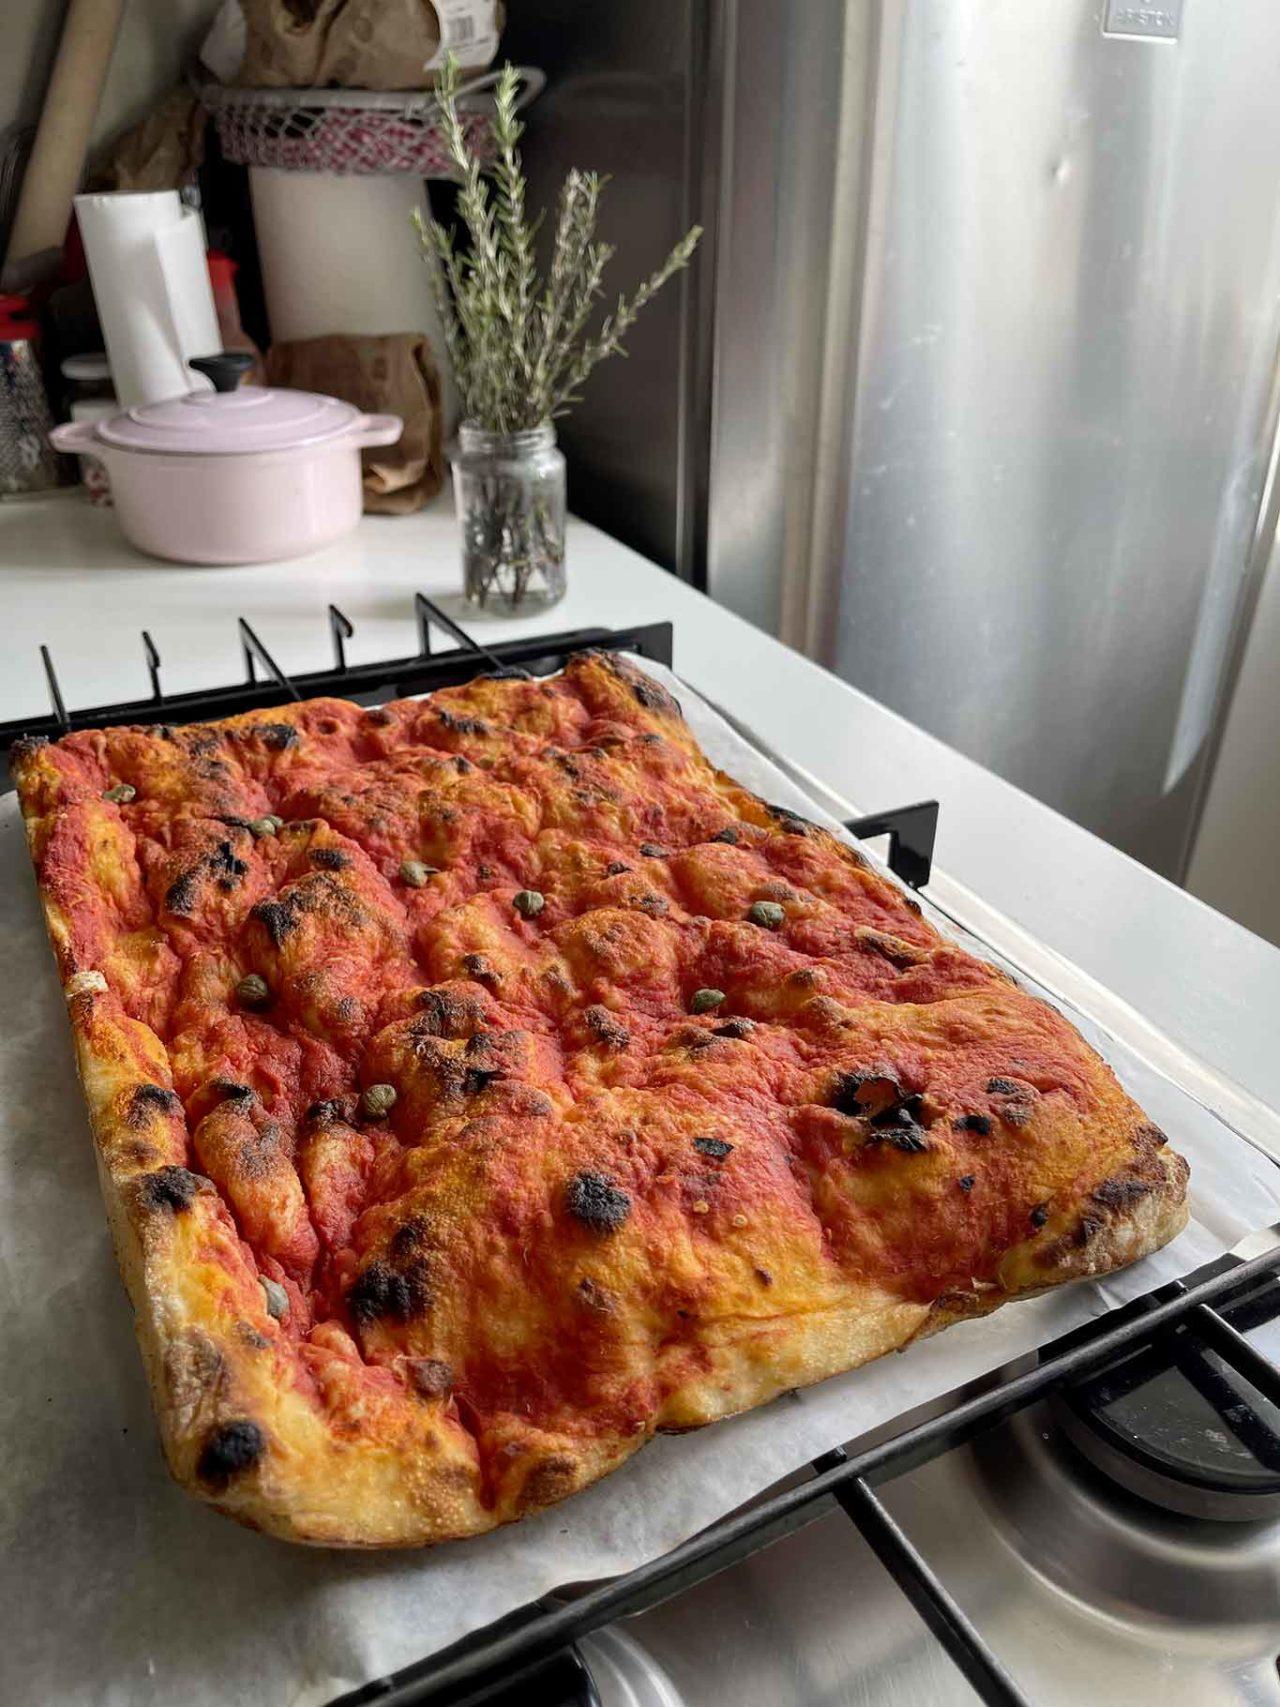 Pizzeria Acqua e Farina Priola Trunch delivery pizza in teglia base rossa